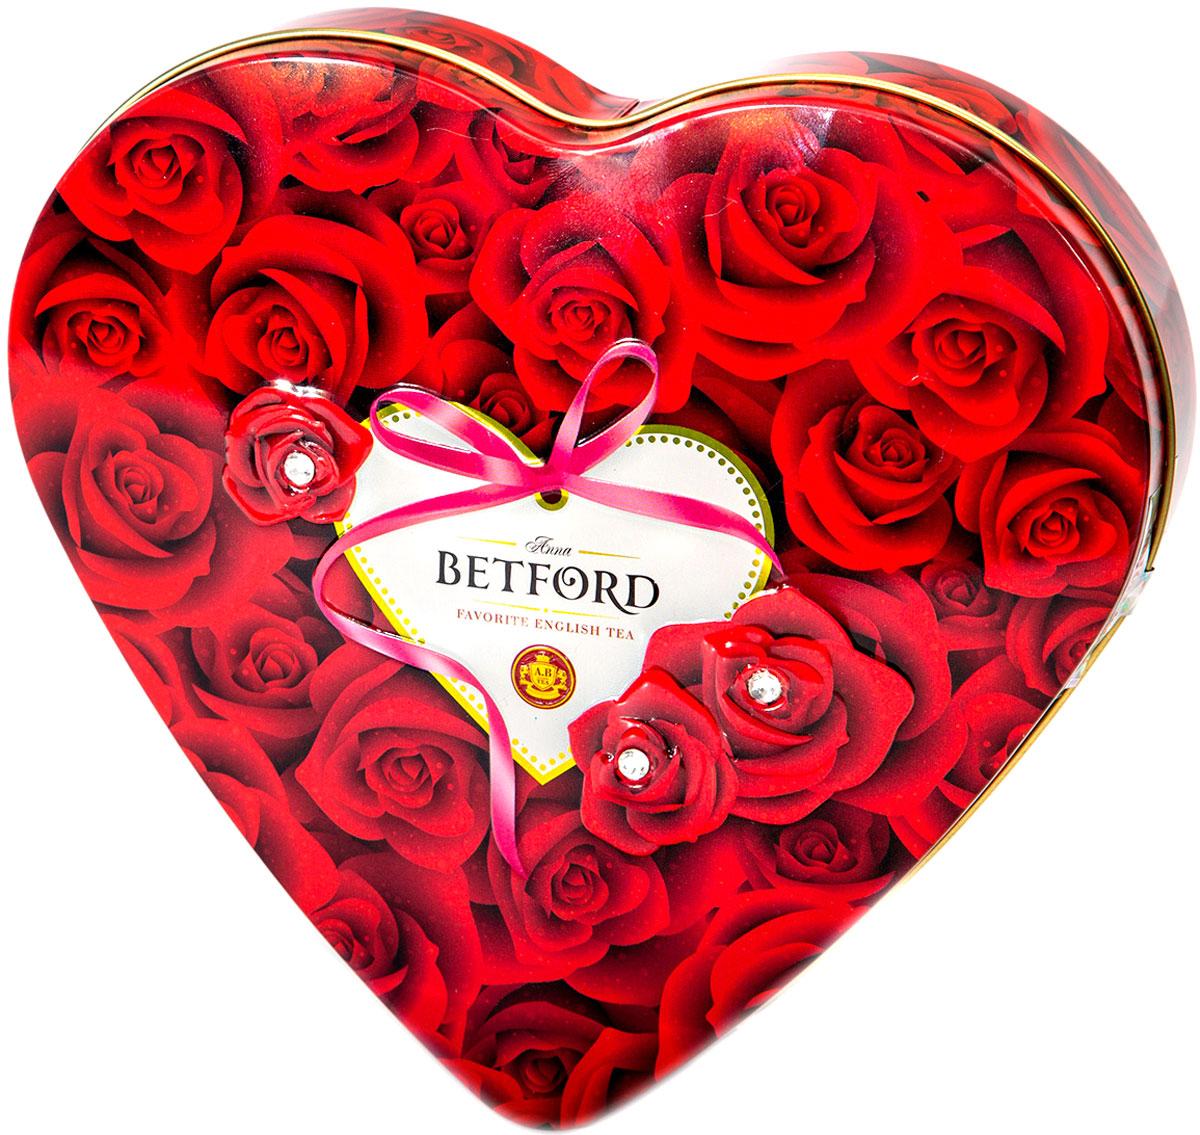 Betford Сердце С любовью чай черный байховый, 80 г0120710ОРА – Оранж пекое, категории А – чай из цельных (до 3-4 см длиной) верхних наиболее сочных листьев. При заваривании получается чайный напиток с оранжевым оттенком, нежным вкусом и ароматом.